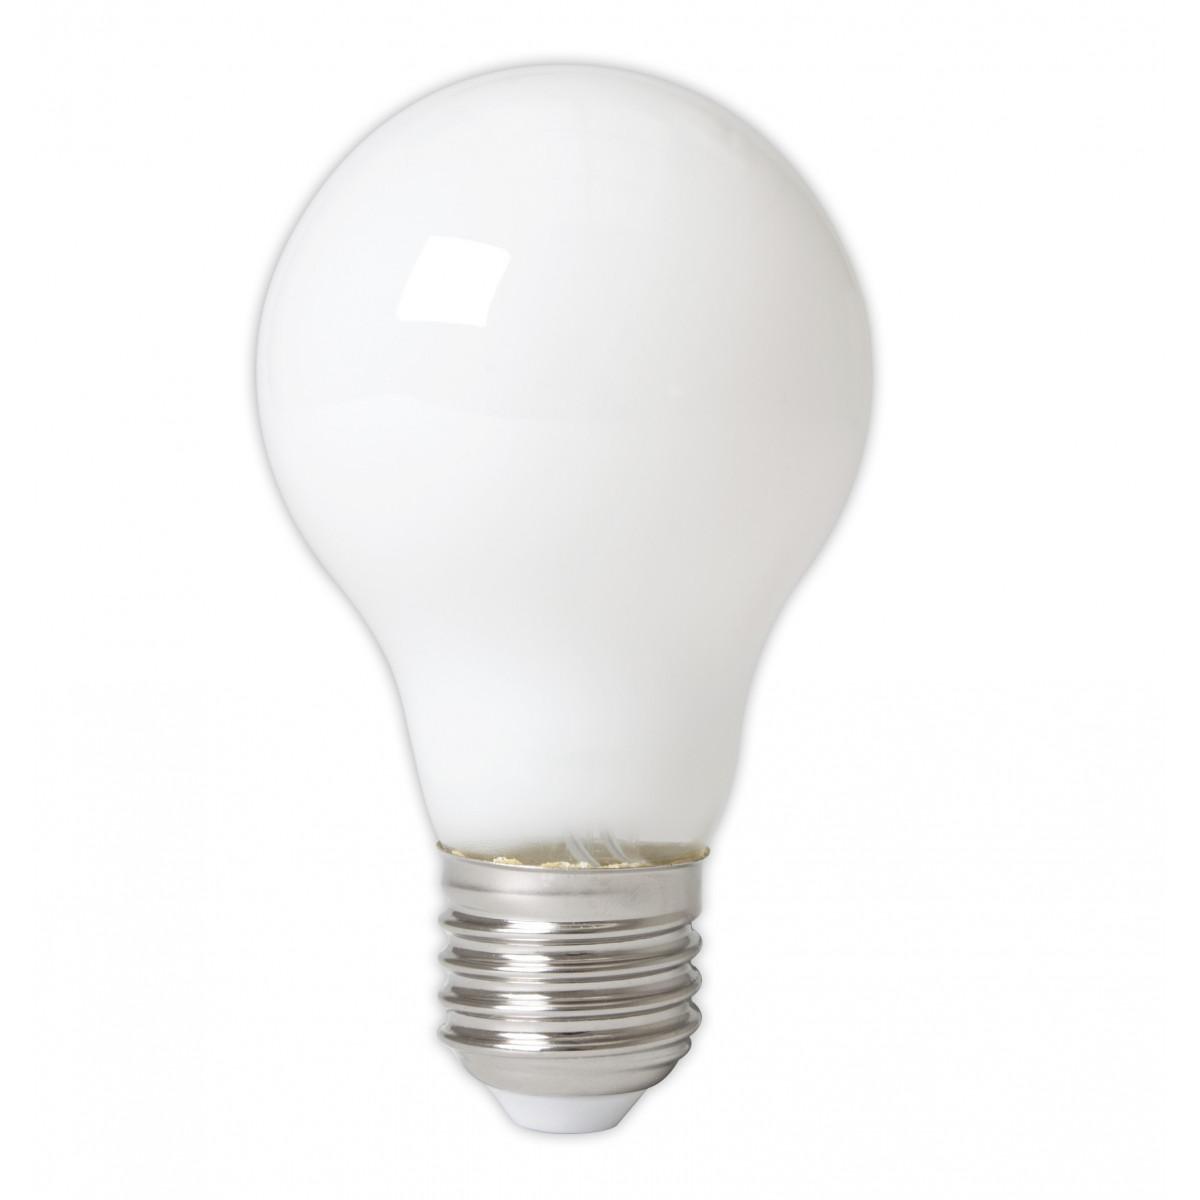 LED GLS E27 lamp